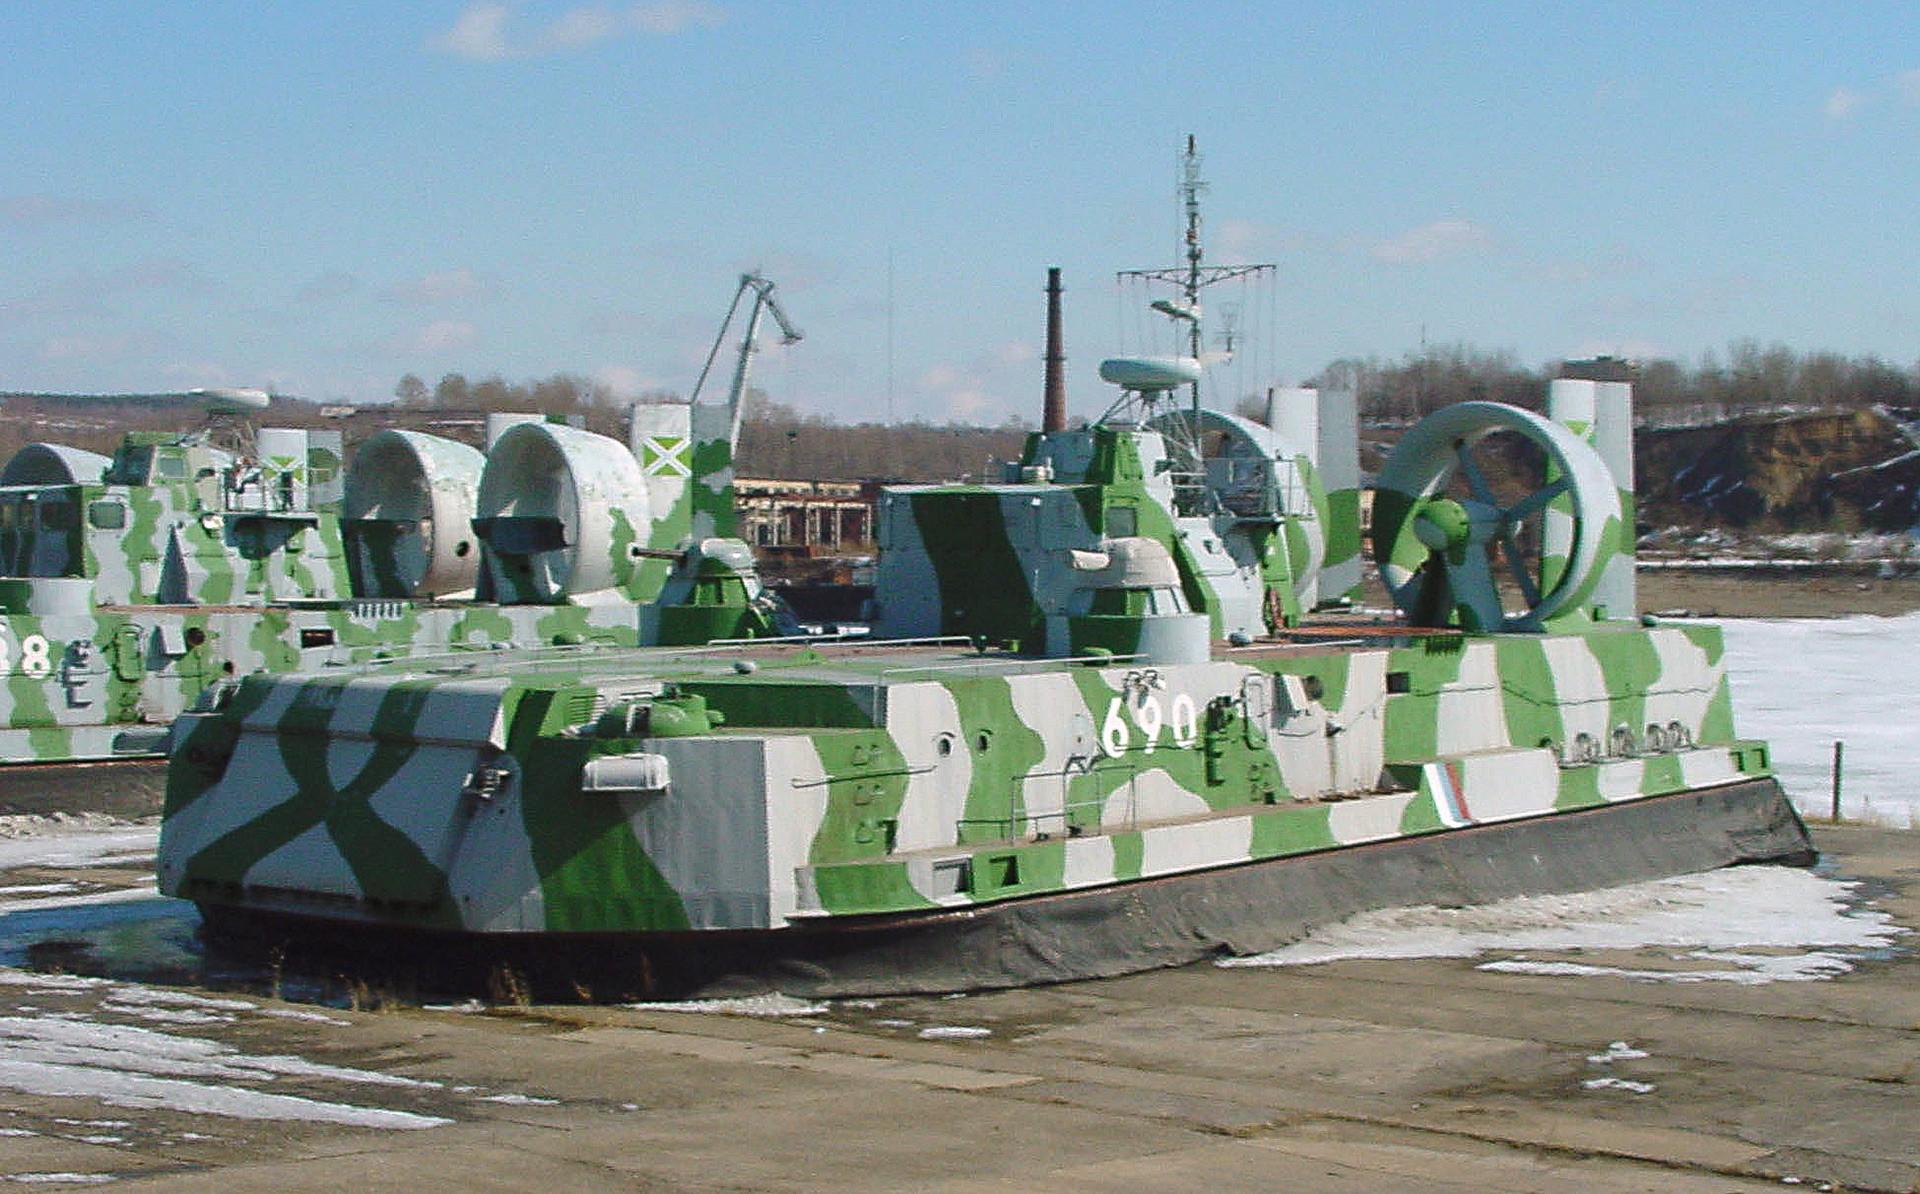 巡視艇の旧基地でのホバークラフト「ムレナ」。